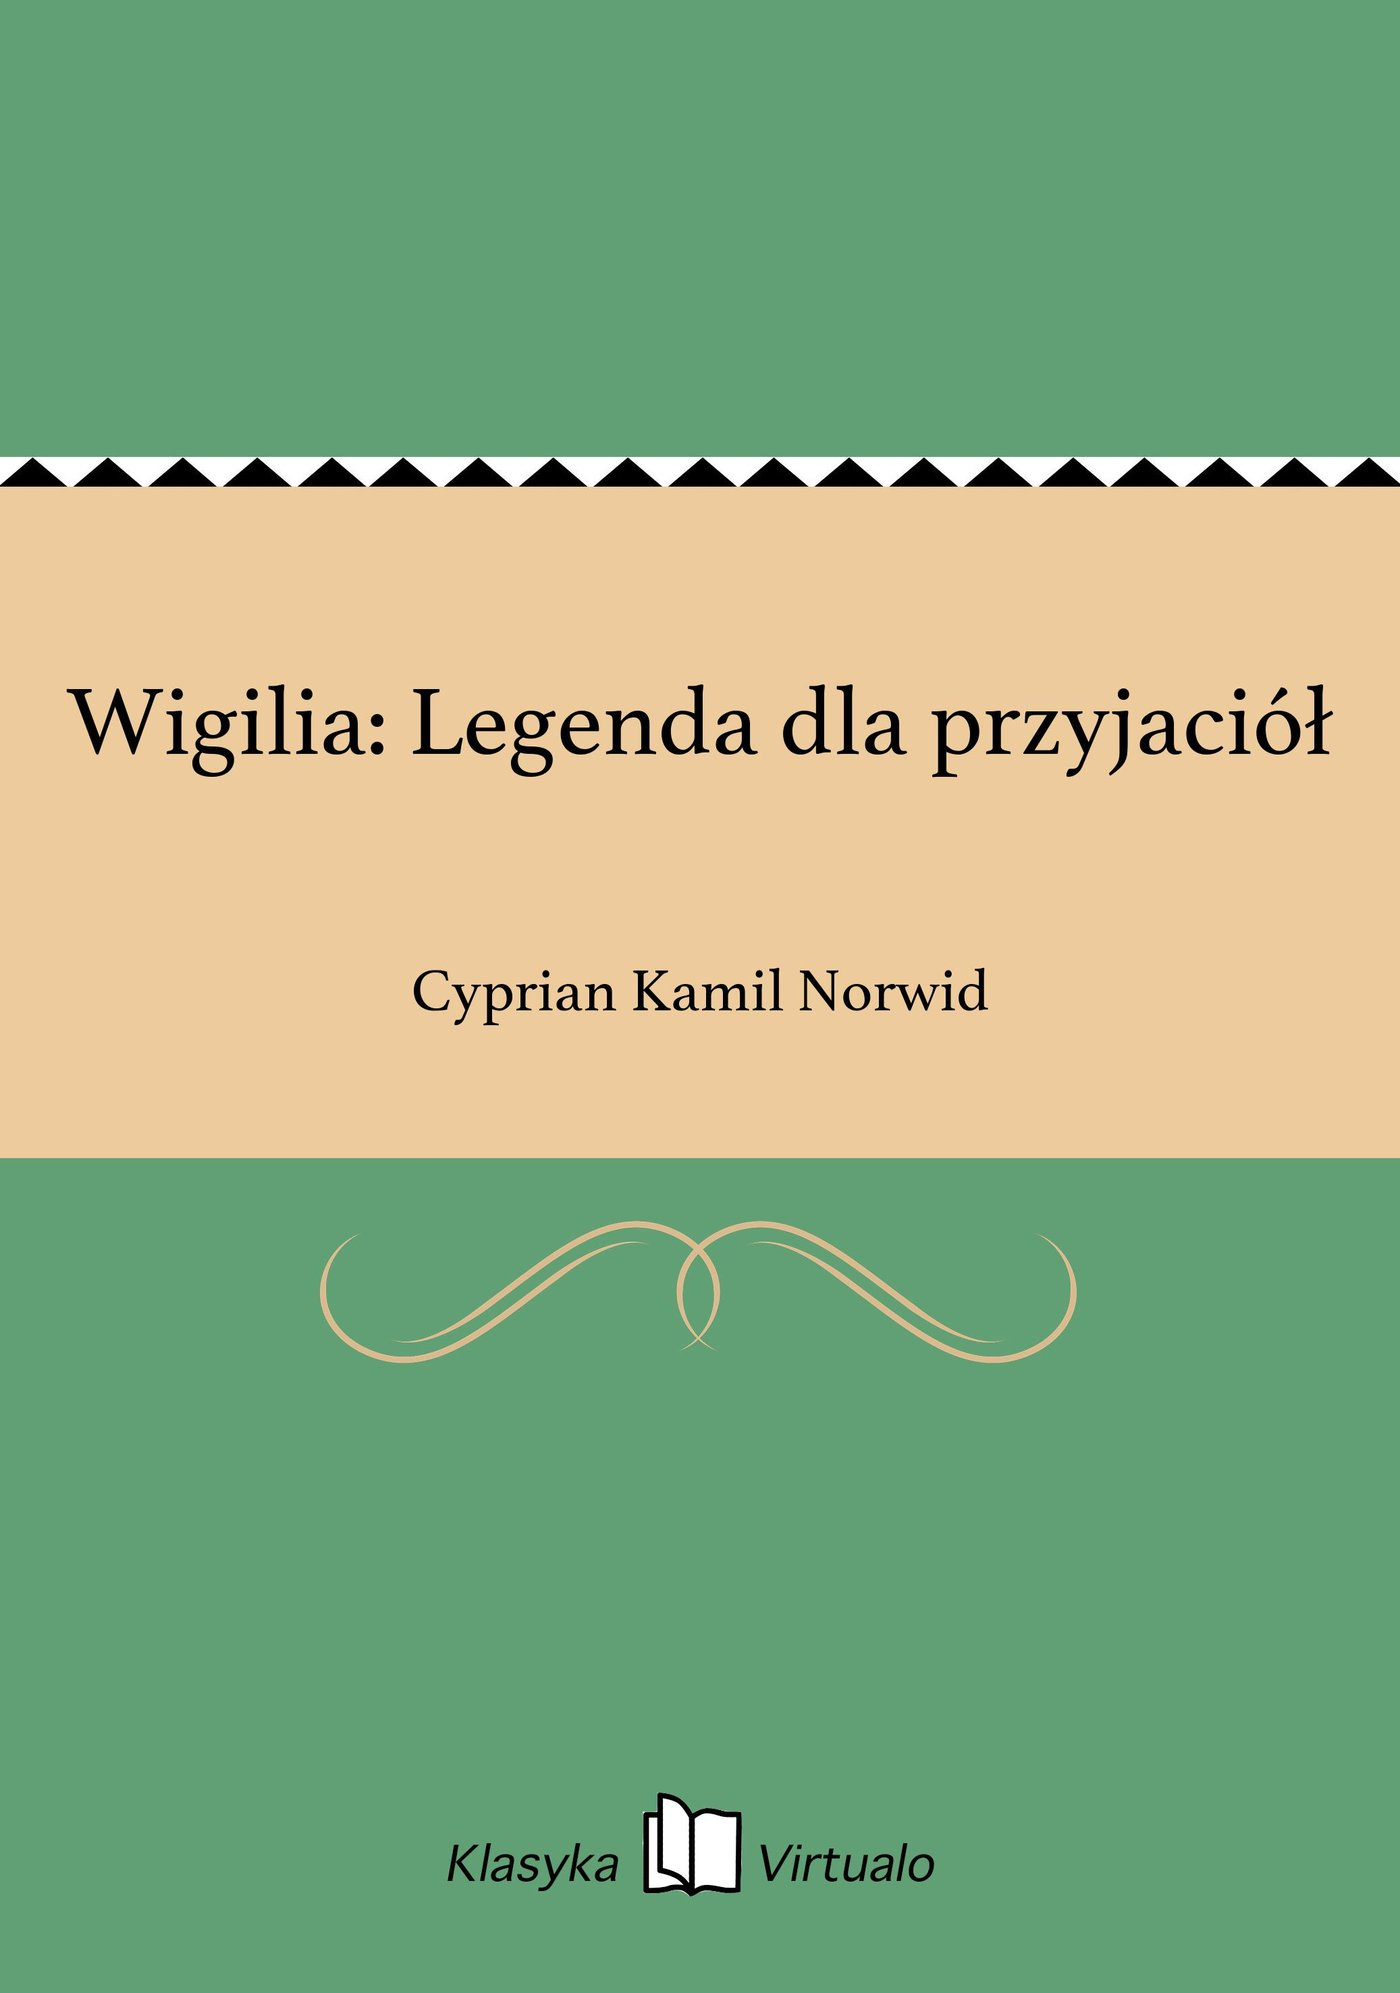 Wigilia: Legenda dla przyjaciół - Ebook (Książka EPUB) do pobrania w formacie EPUB